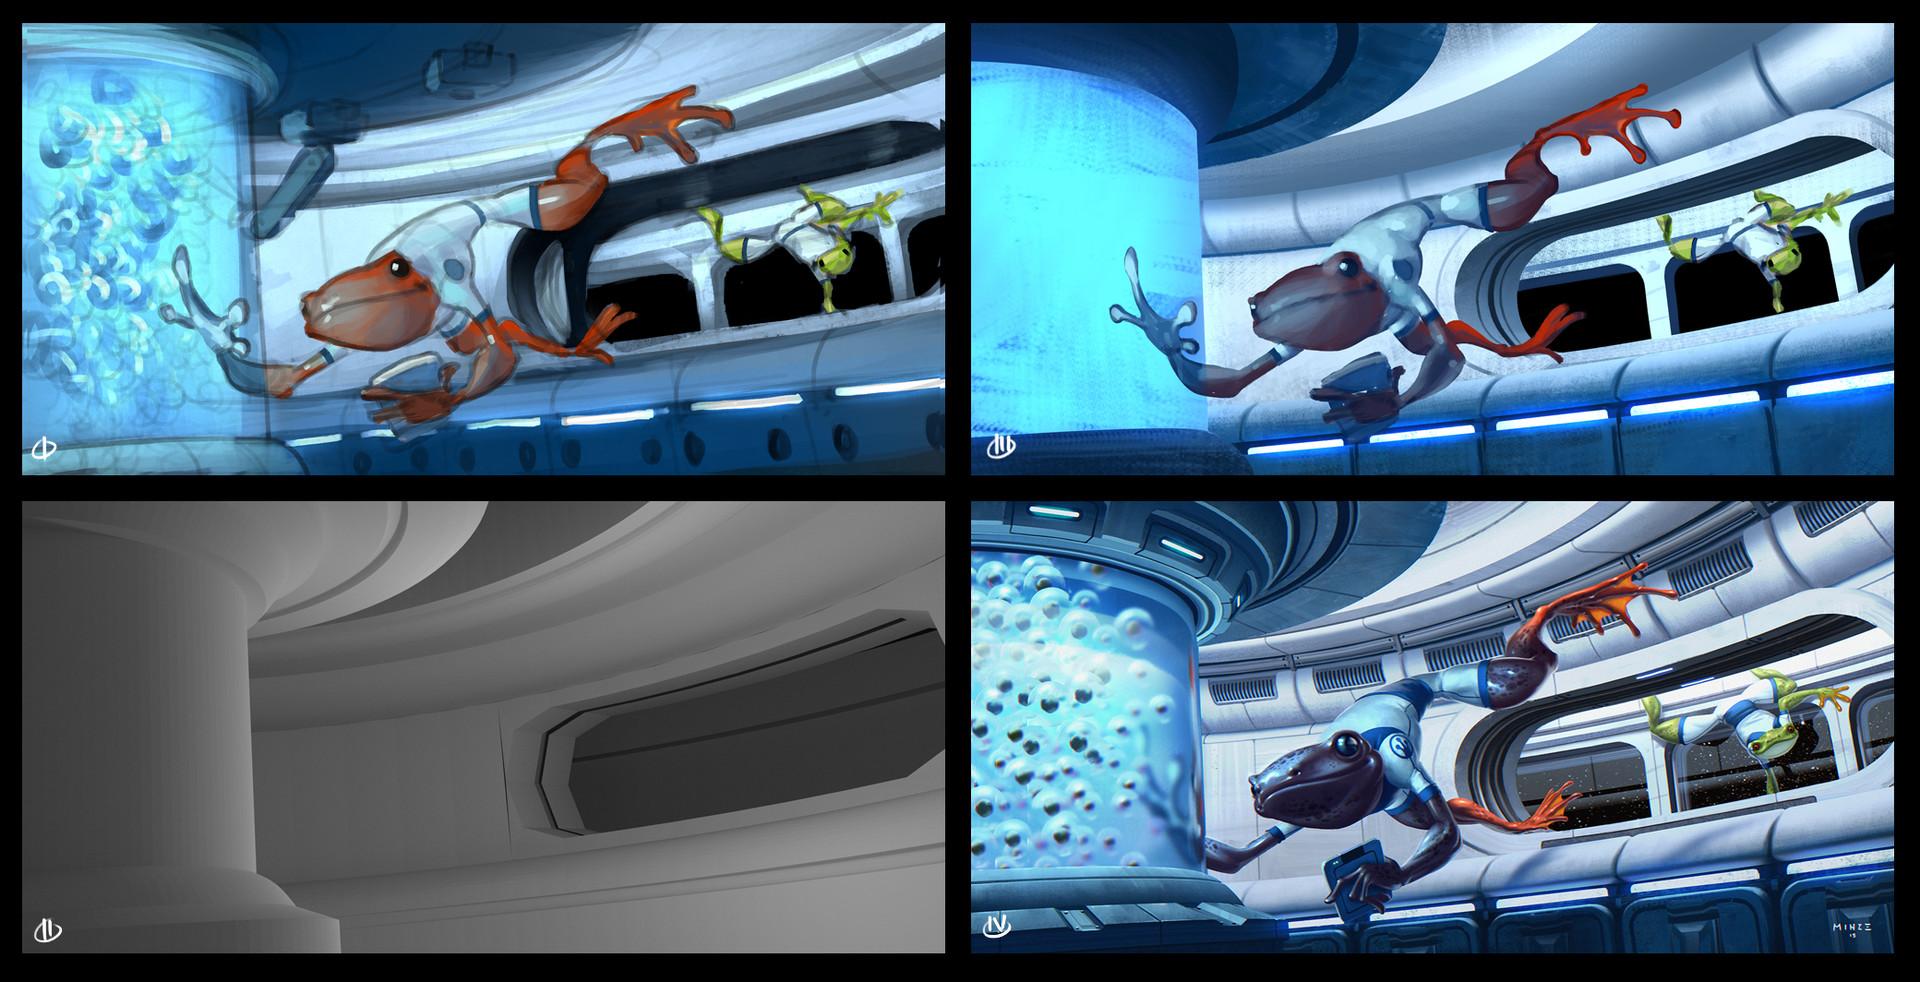 Alexander minze thumler spacefrogwalktrough